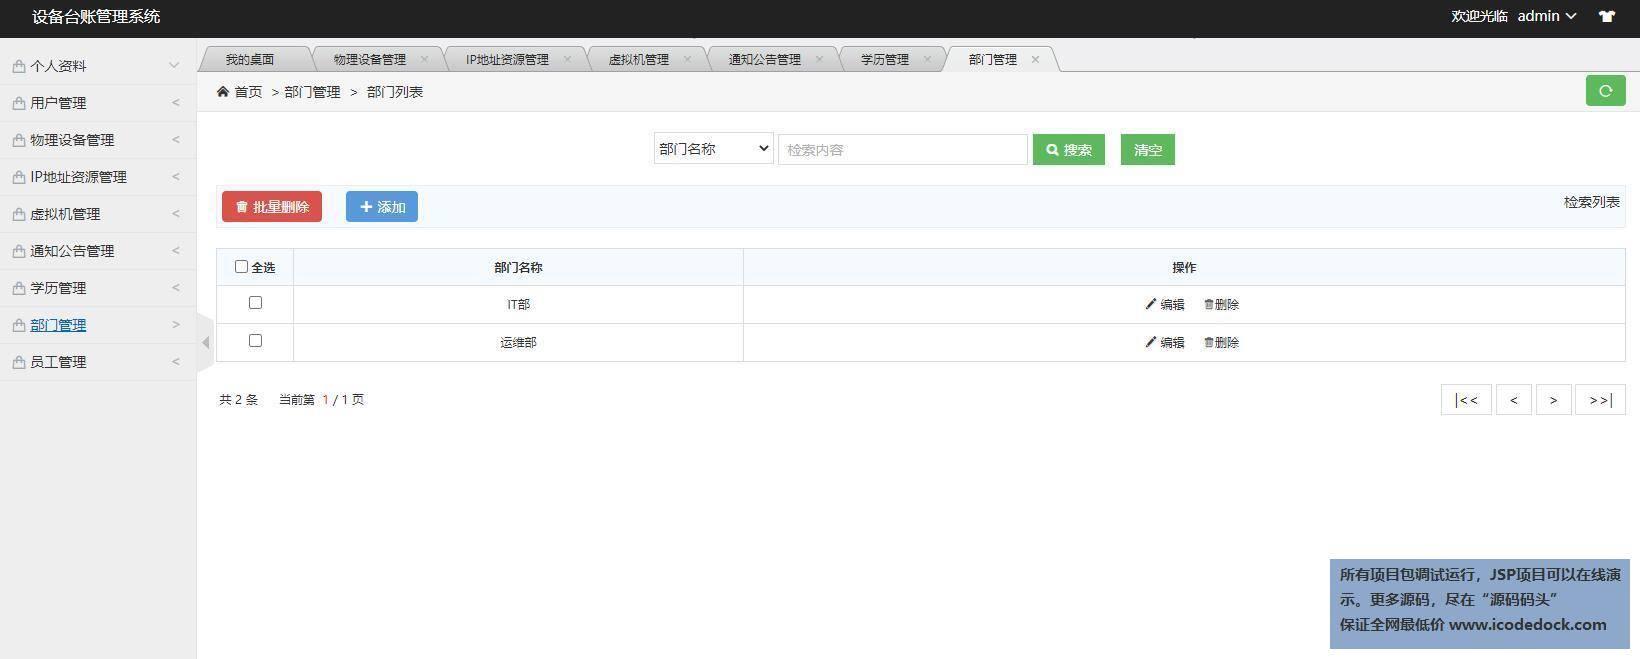 源码码头-SSM设备台账管理系统-管理员角色-部门管理